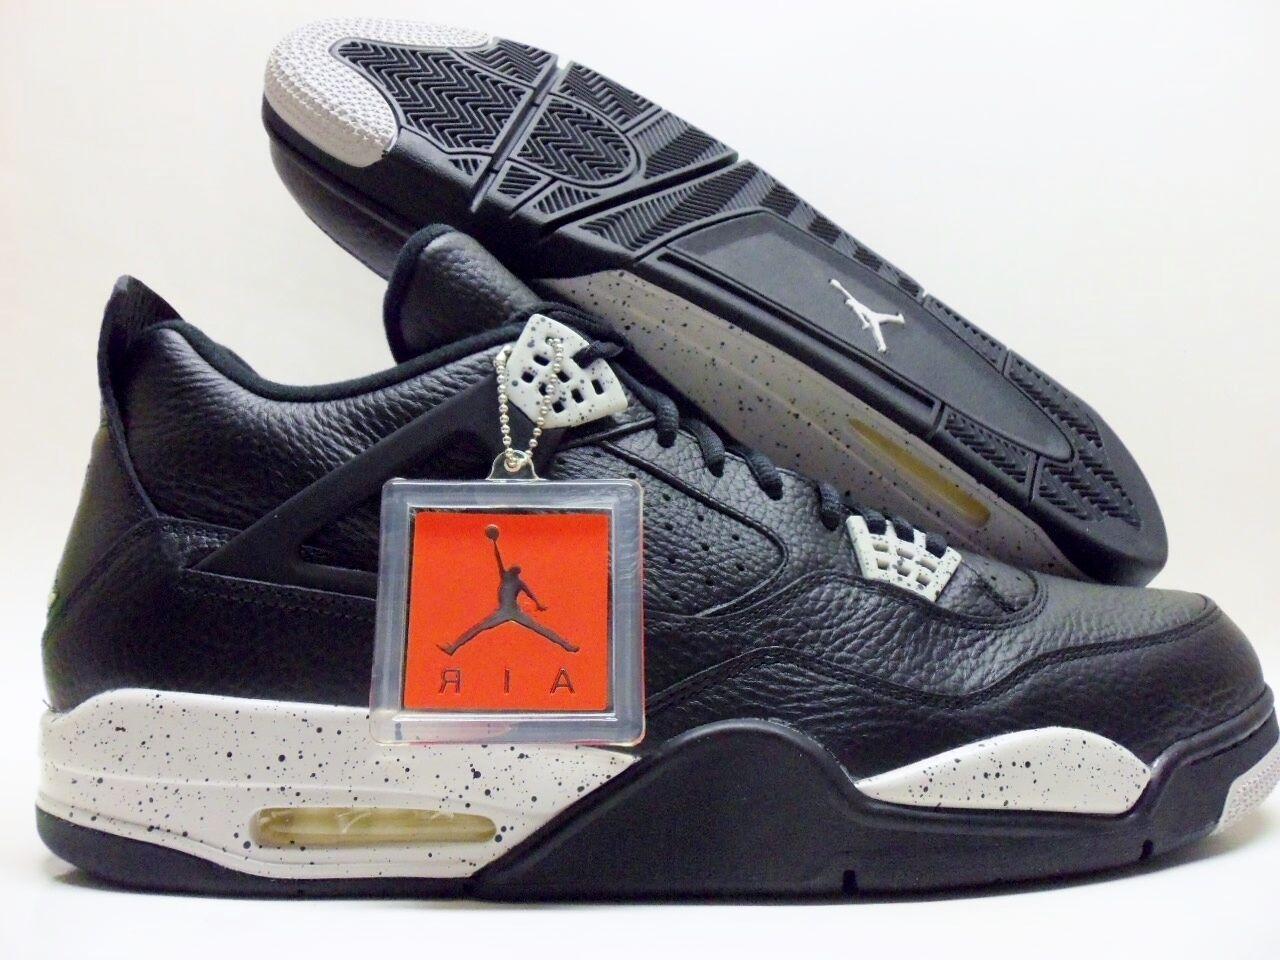 Nike air jordan 4 retrò e nero / tech grey-nero dimensioni uomini 17 [314254-003]